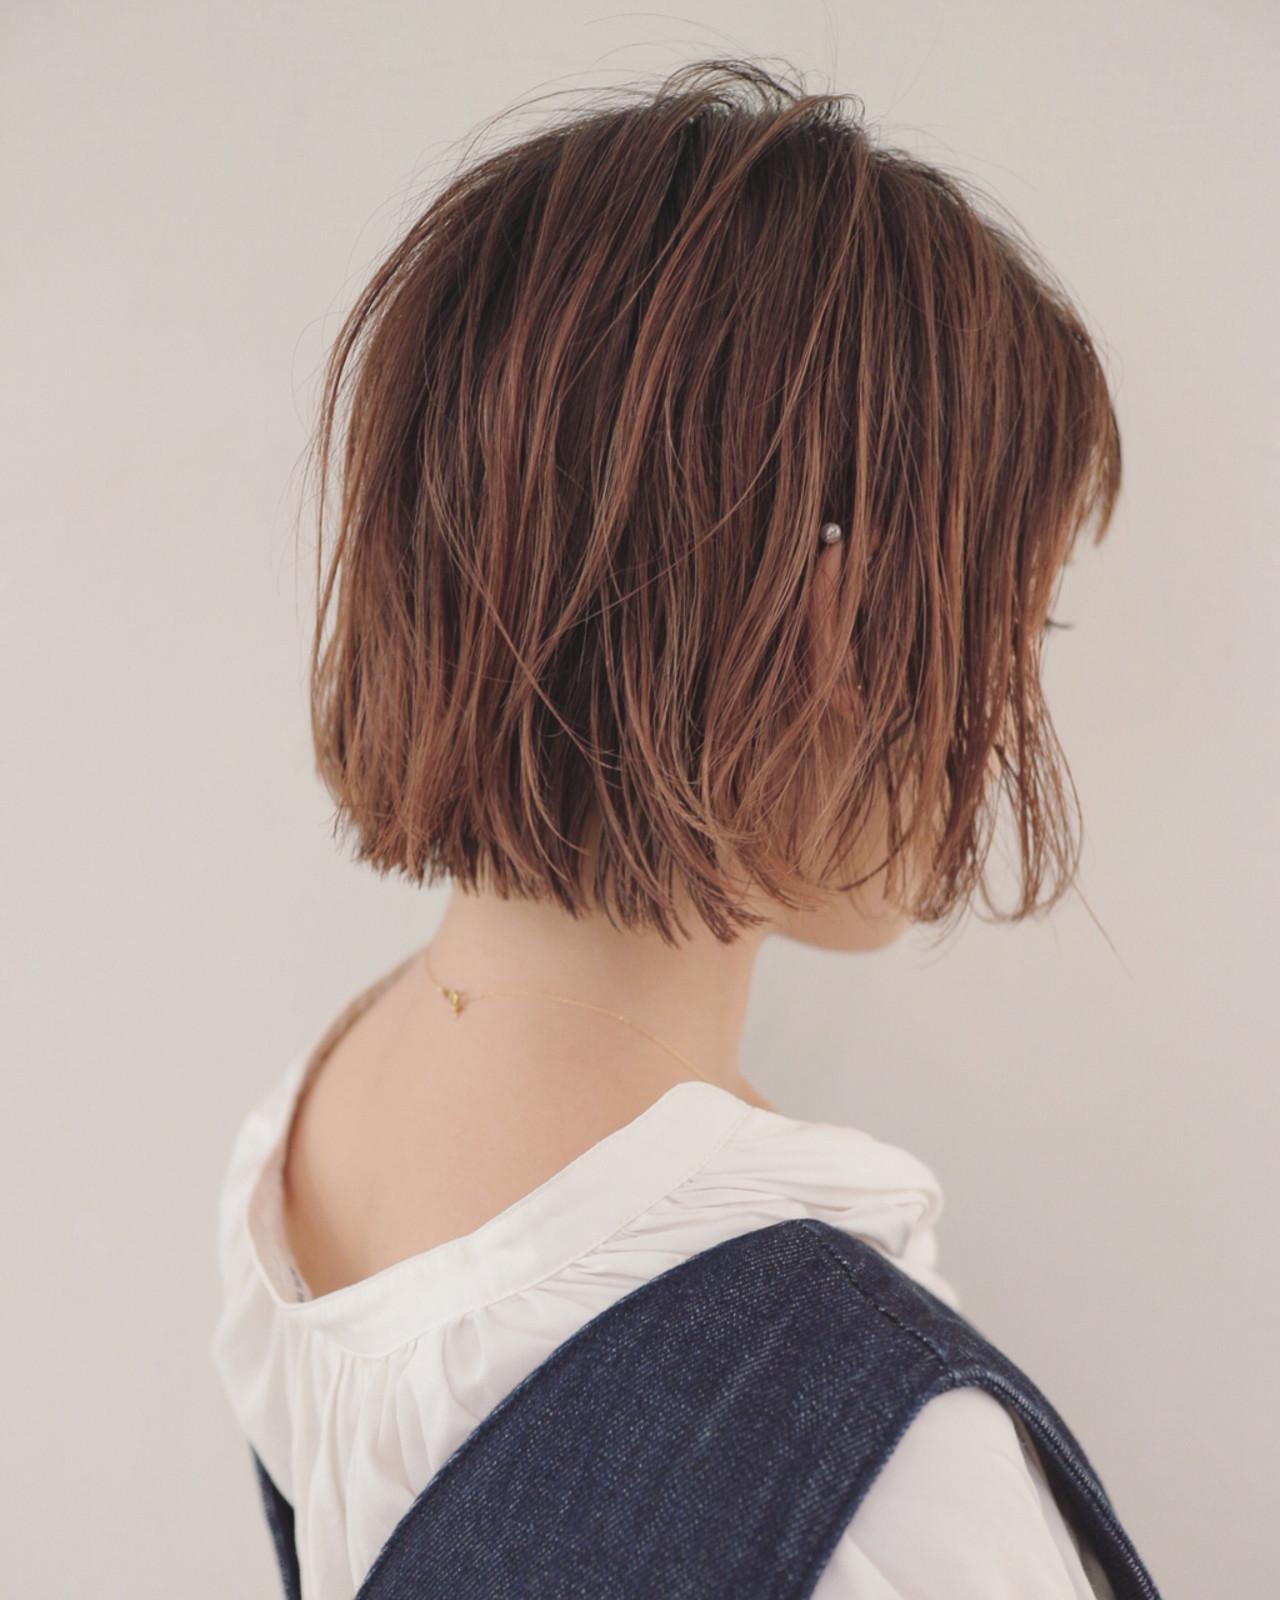 ブラントカットの涼しげな濡れ髪ボブ 三好 佳奈美